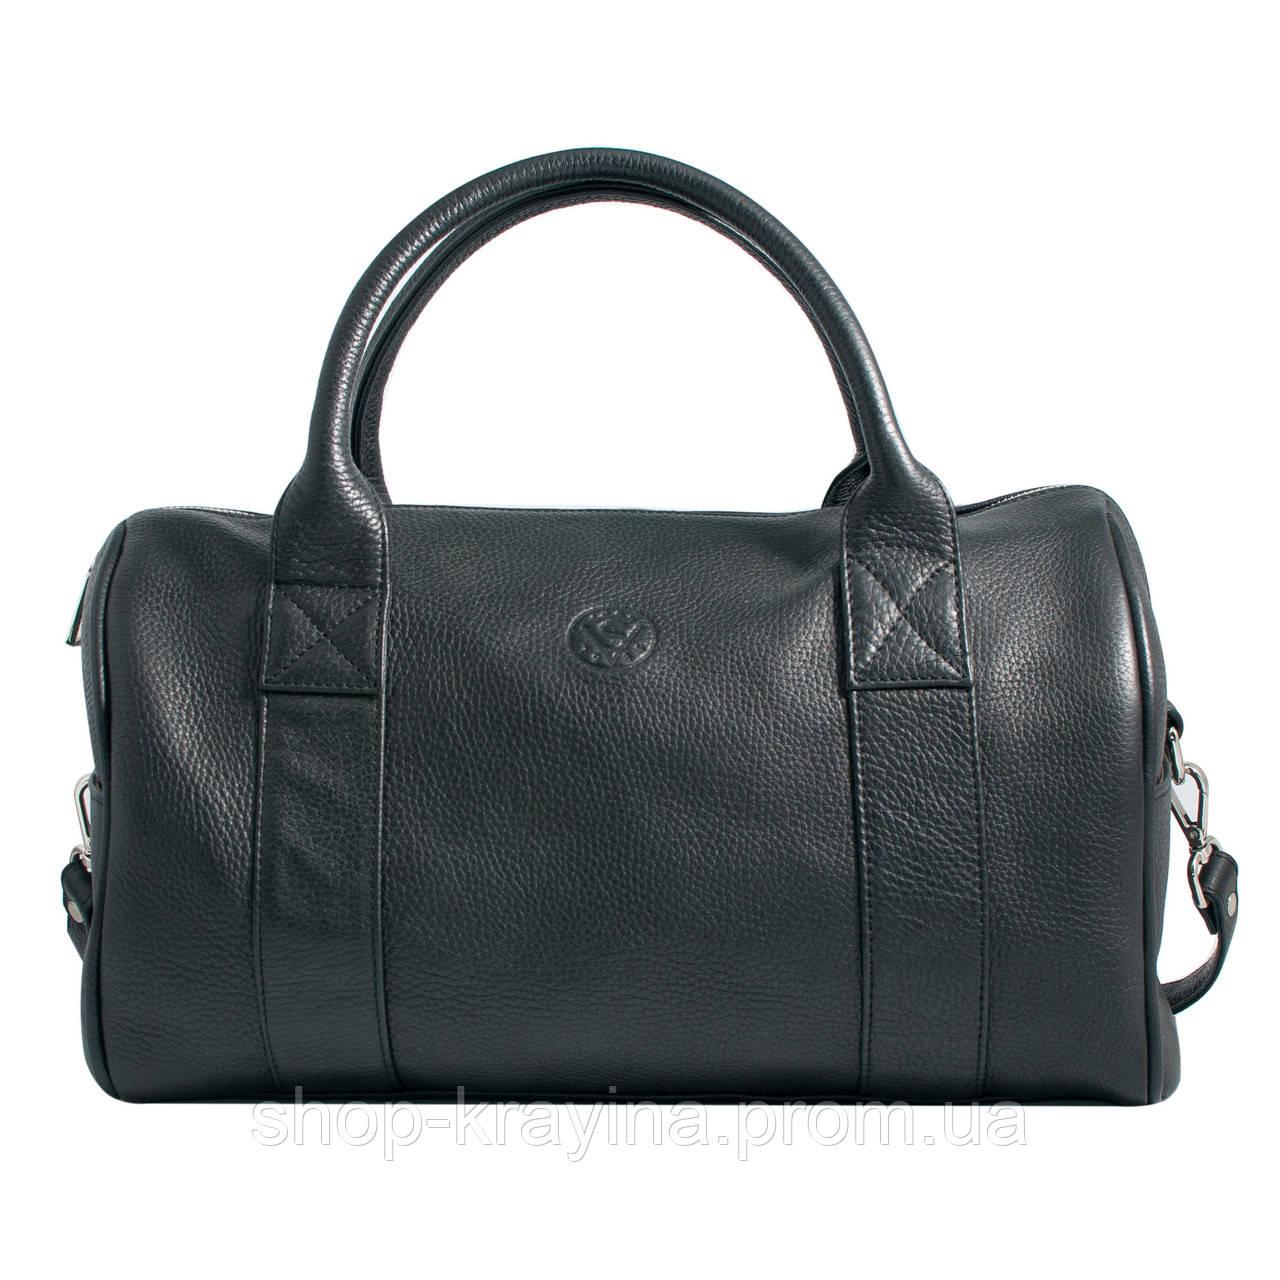 Кожаная сумка VS83  black 33х21х19 см